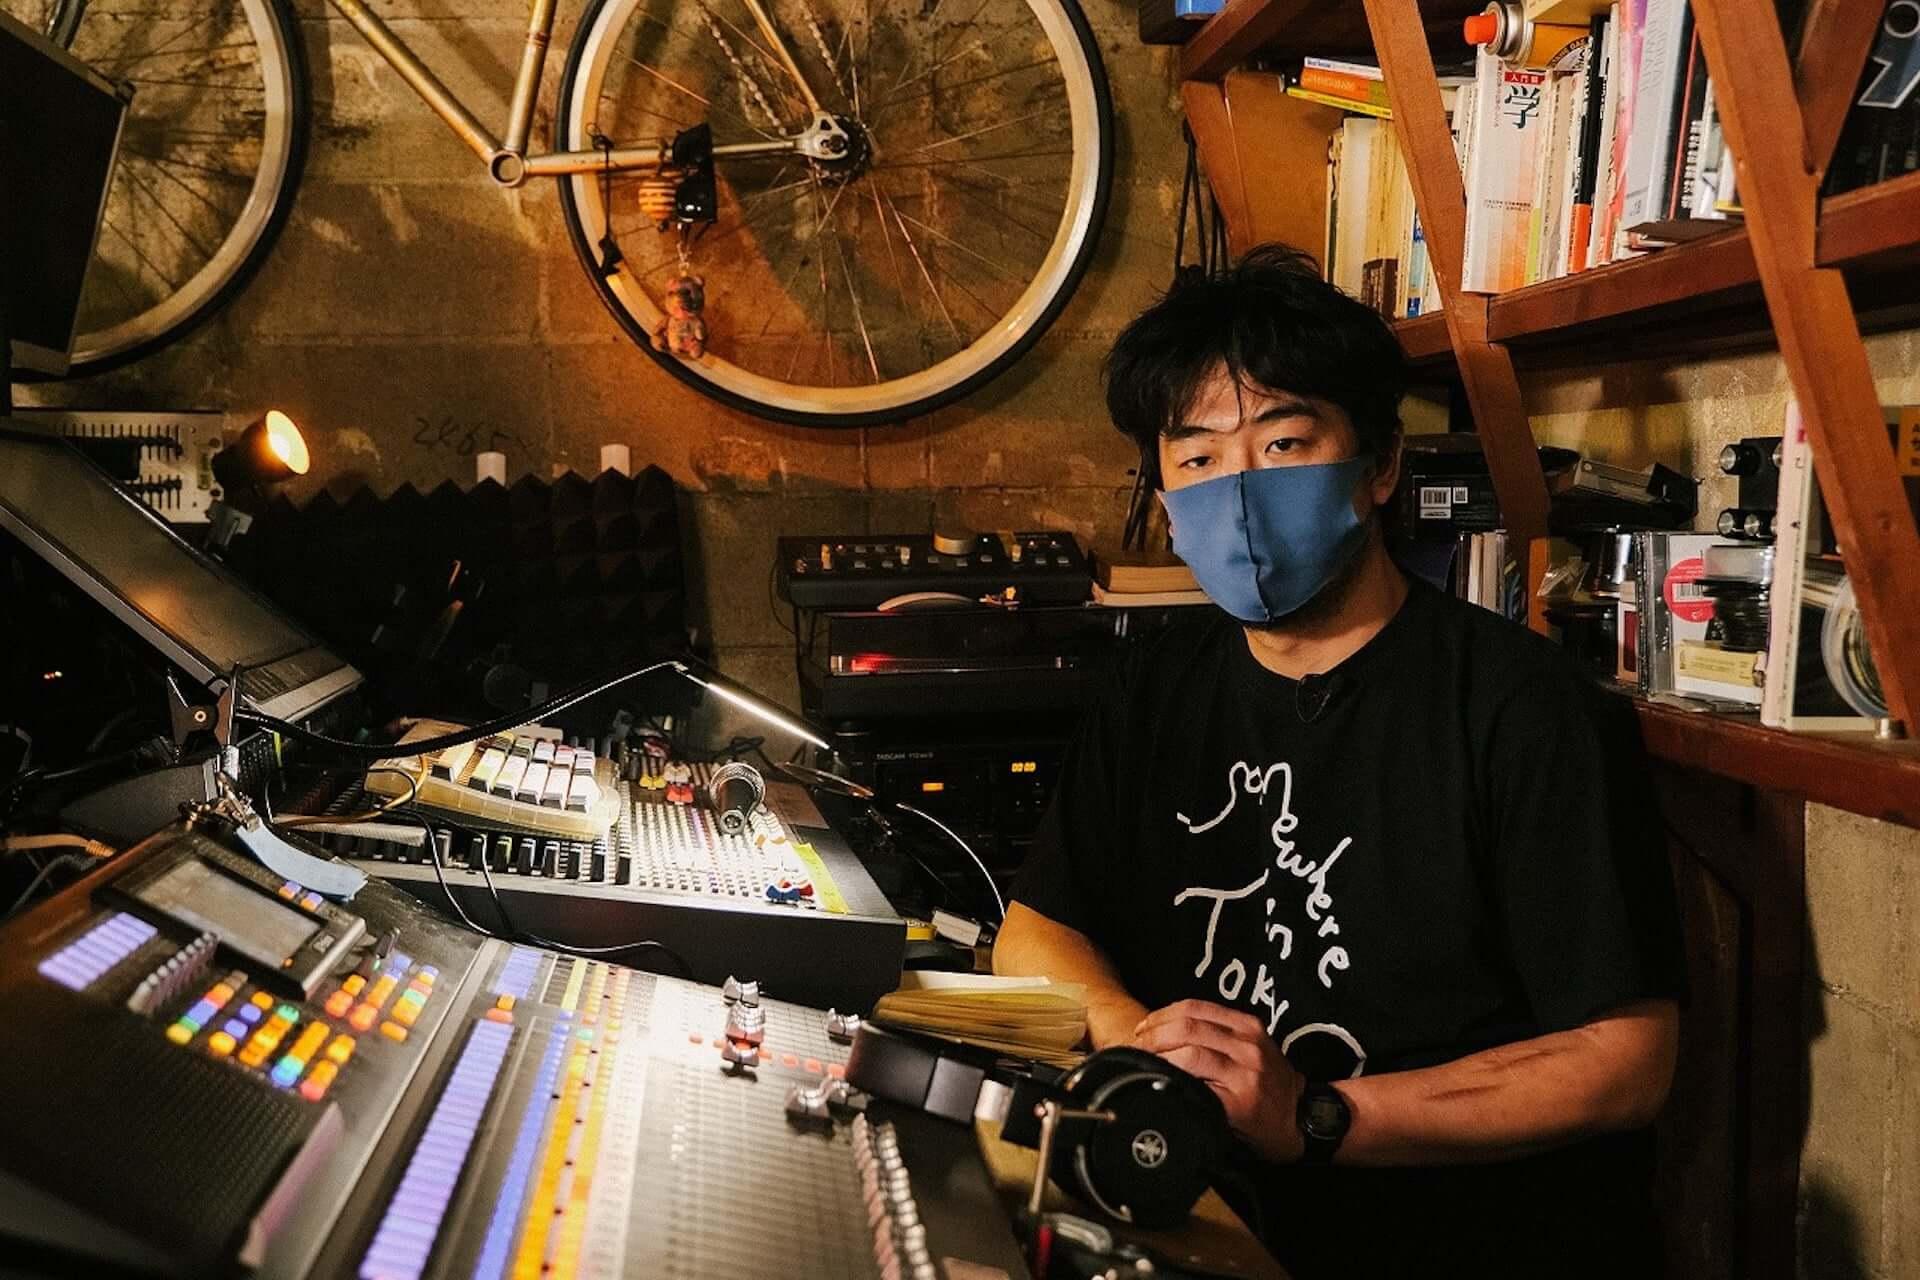 日本のアンダーグラウンド音楽シーンに迫る長編映像シリーズ『In:Depth』が始動!渋谷Lighthouse Records、幡ヶ谷Forestlimitなどが登場 music210304_indepth_3-1920x1280